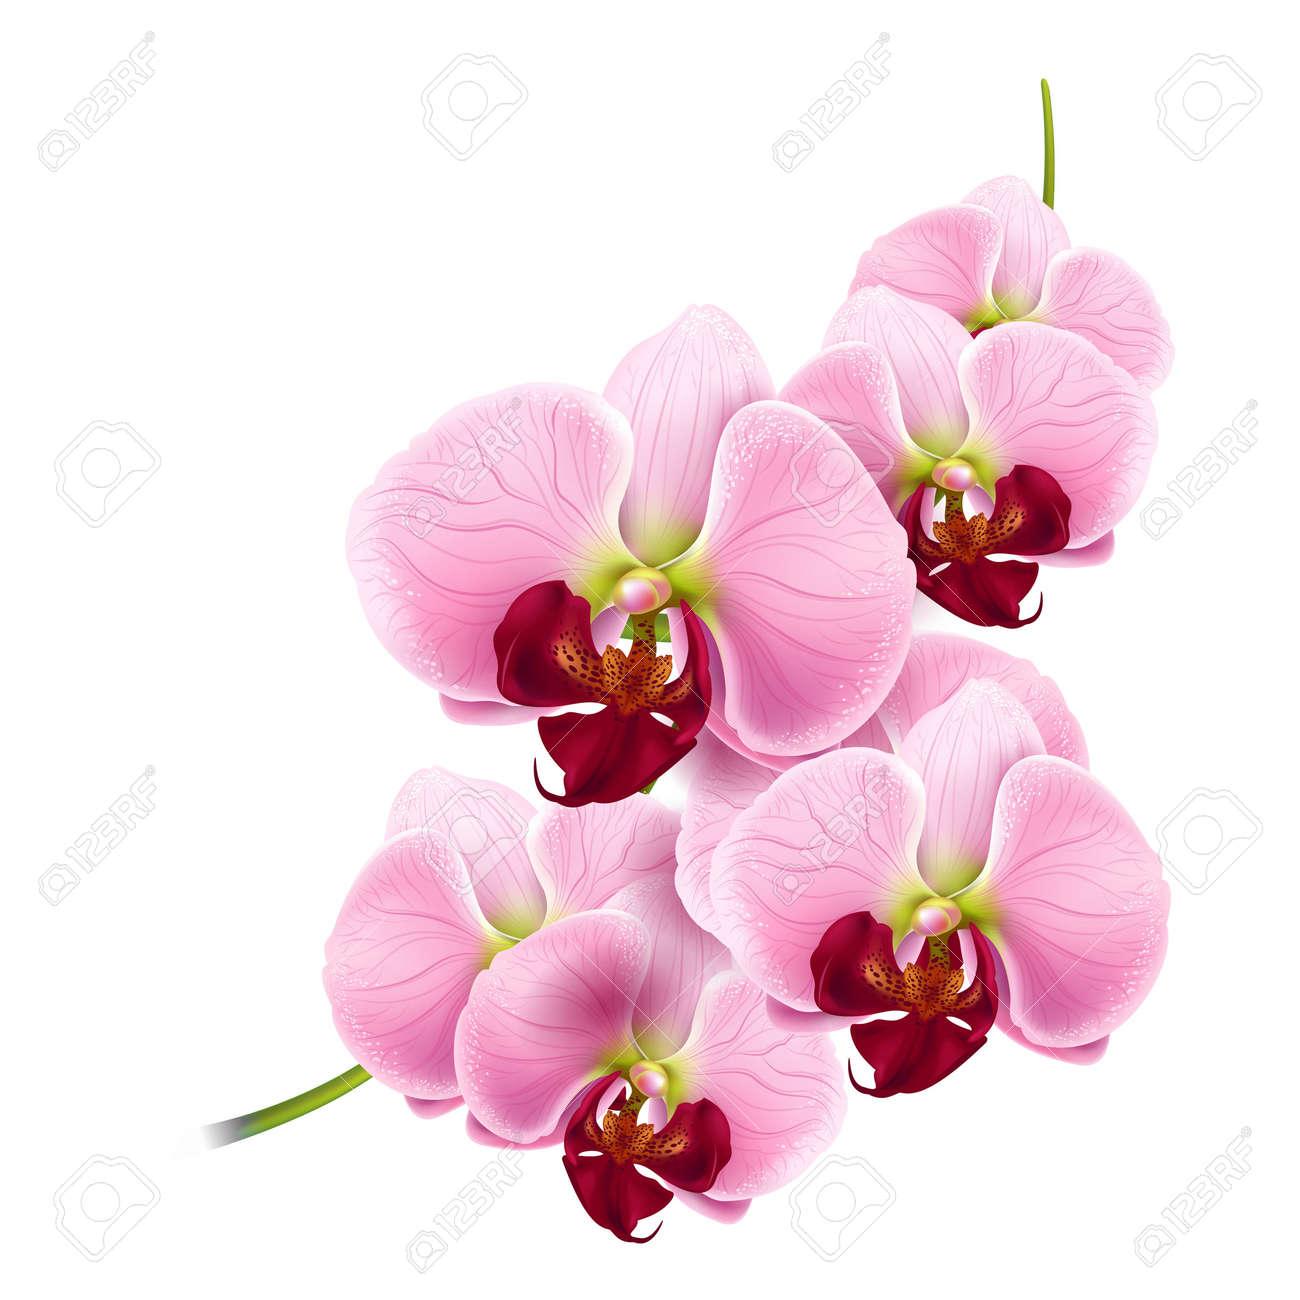 Foto de archivo , hermosa rama de orquídeas flores aisladas sobre fondo blanco